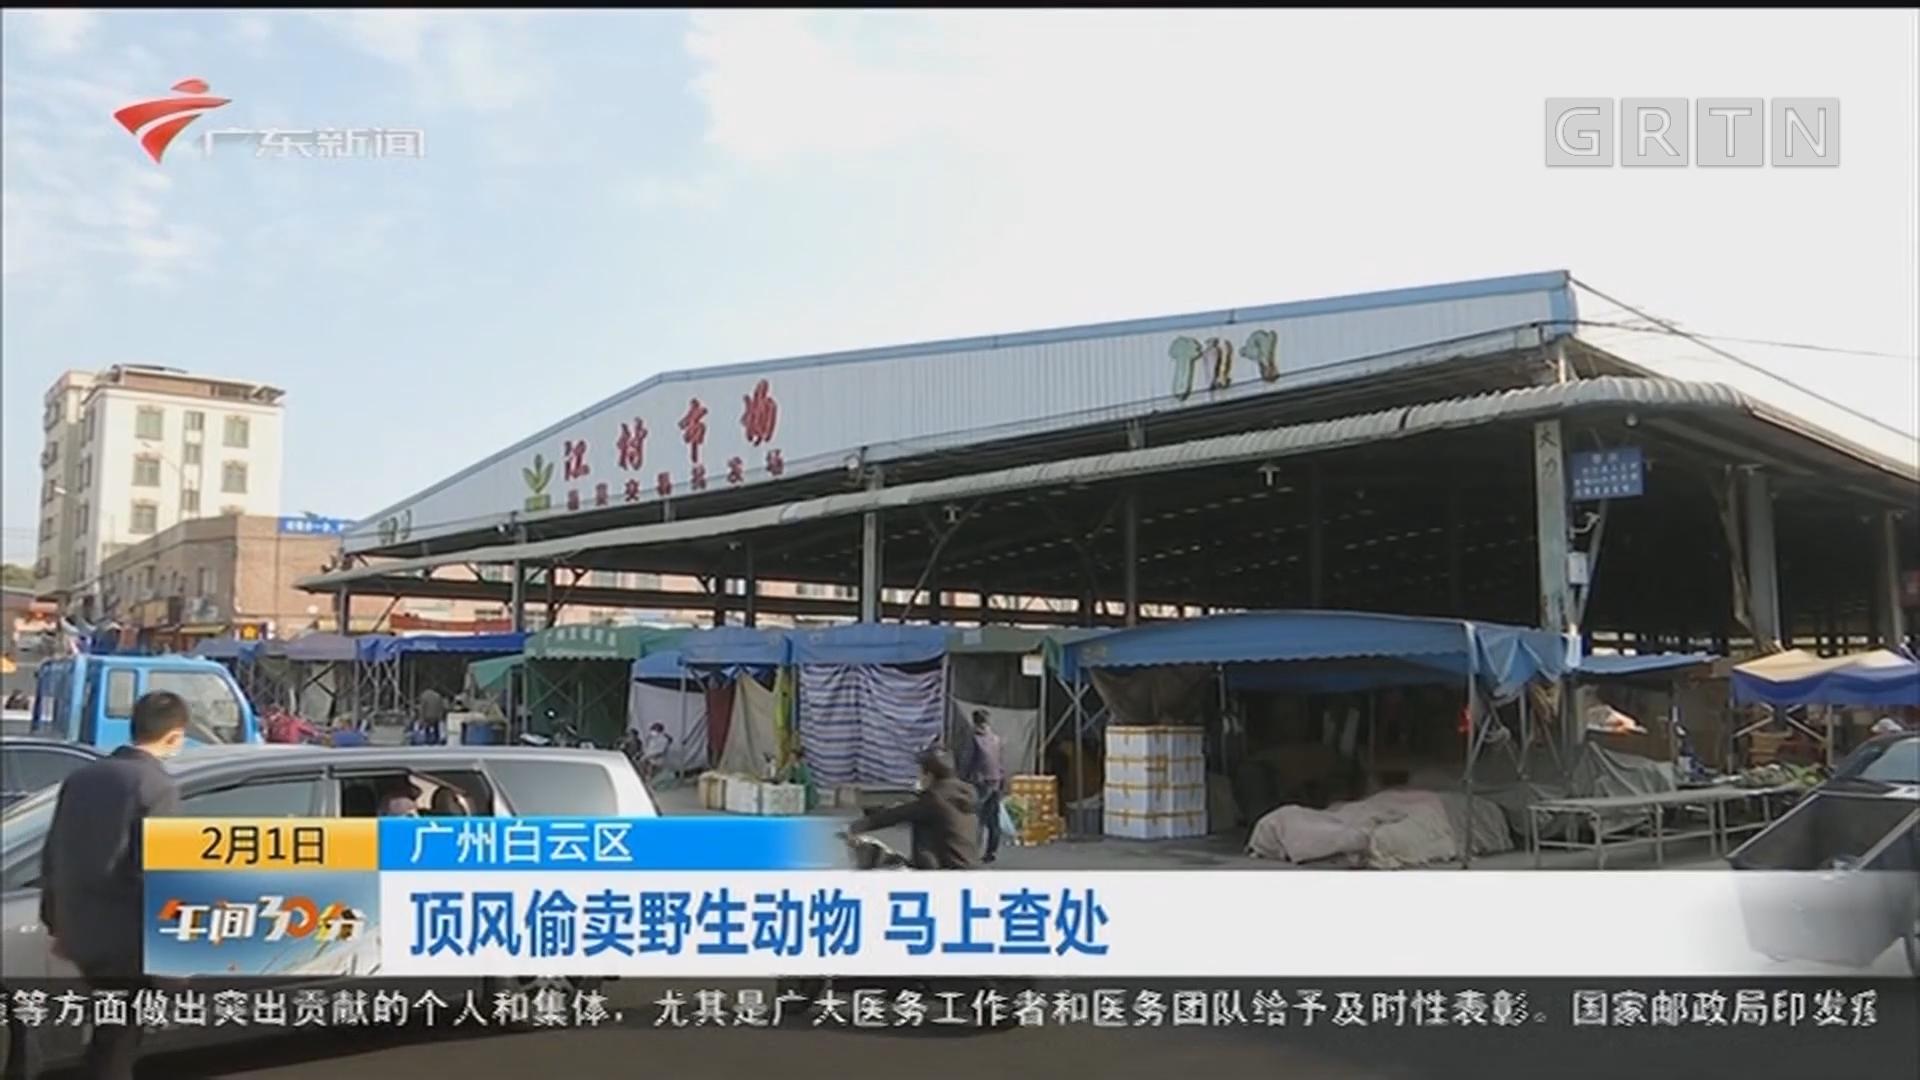 广州白云区:顶风偷卖野生动物 马上查处